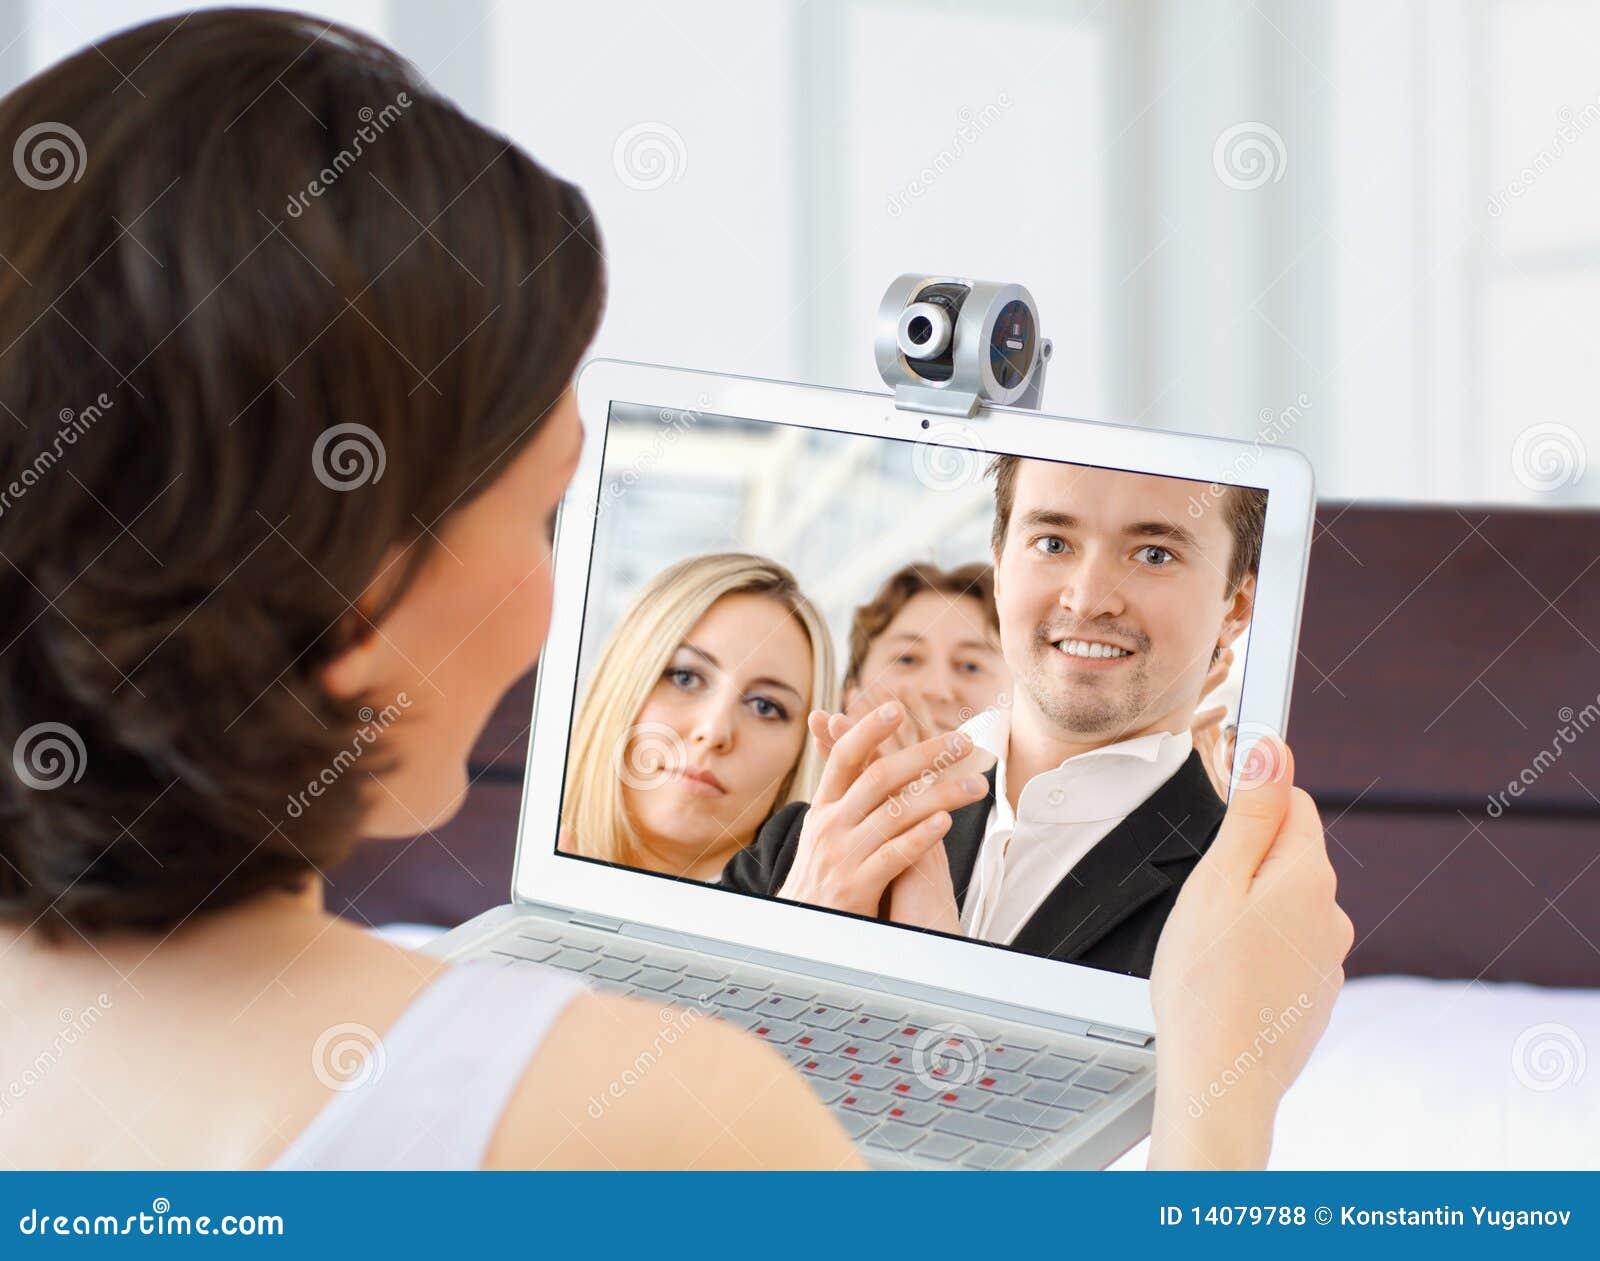 Темы для общения с девушкой по скайпу 10 фотография